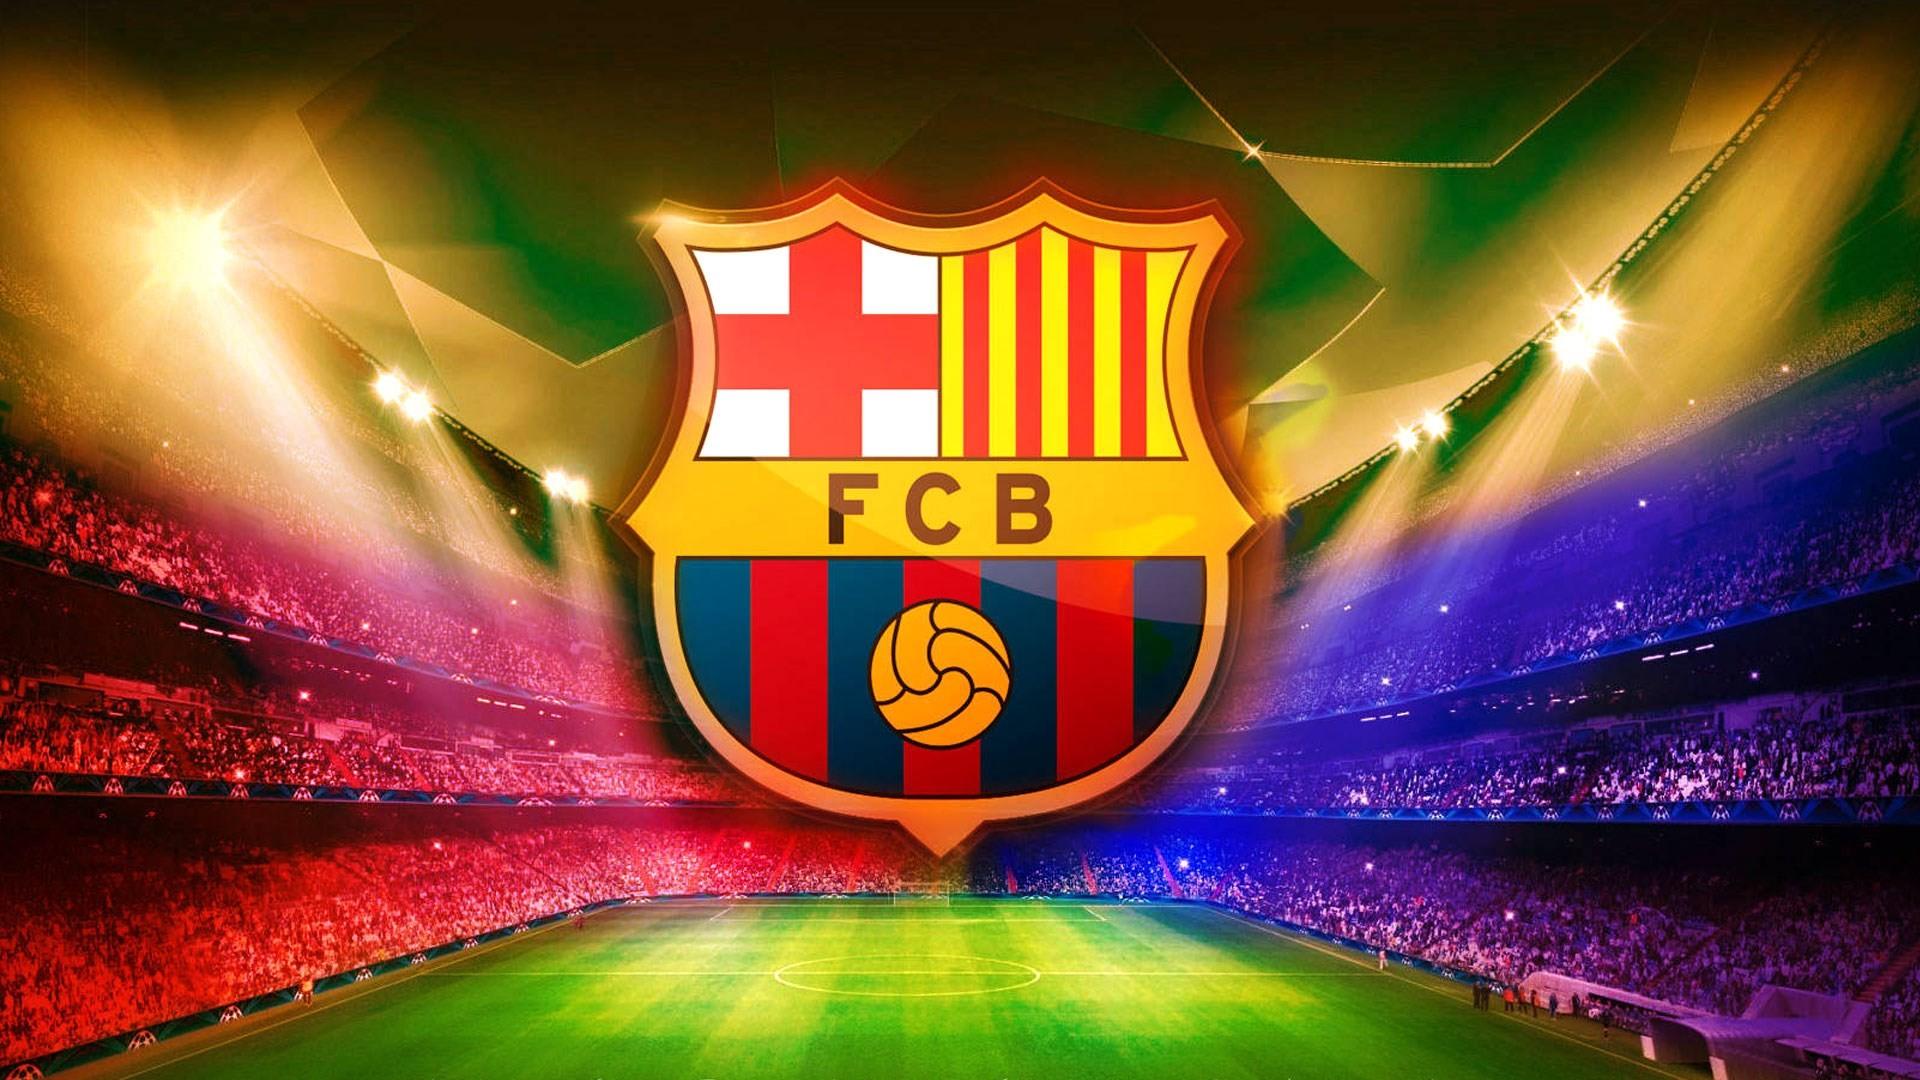 fc barcelona logo desktop wallpaper images